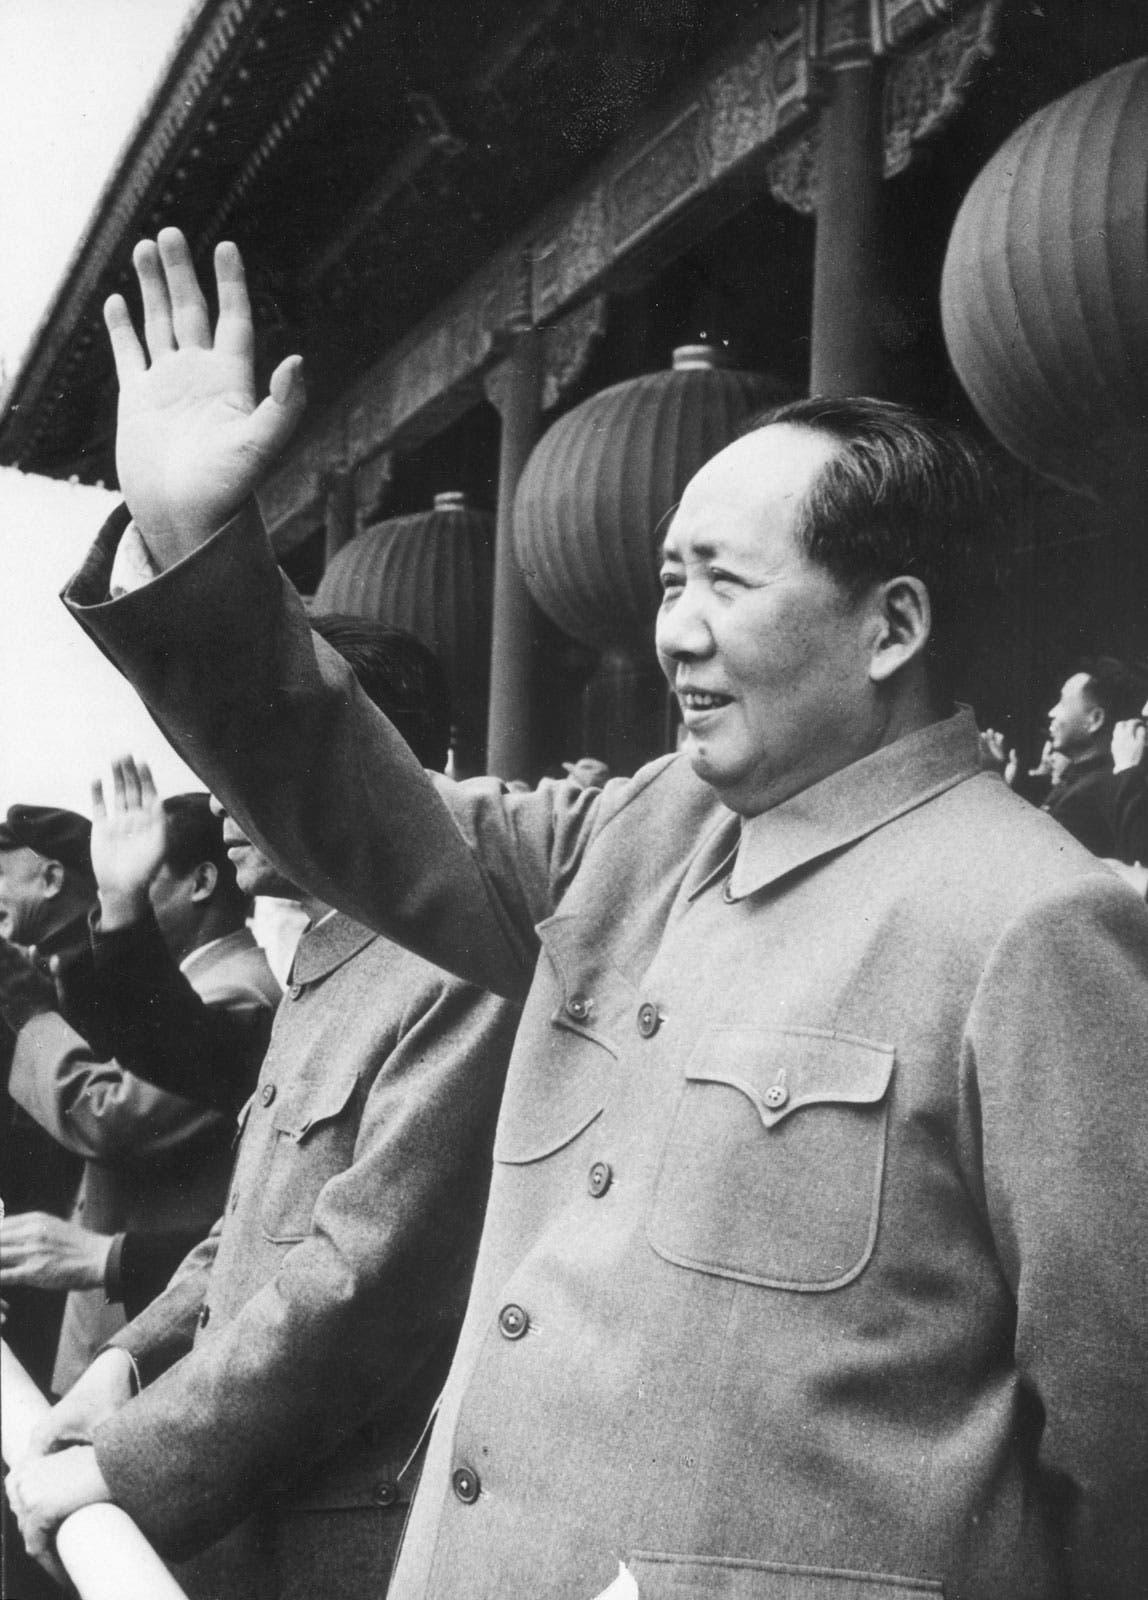 صورة دعائية للزعيم الصيني ماو تسي تونغ